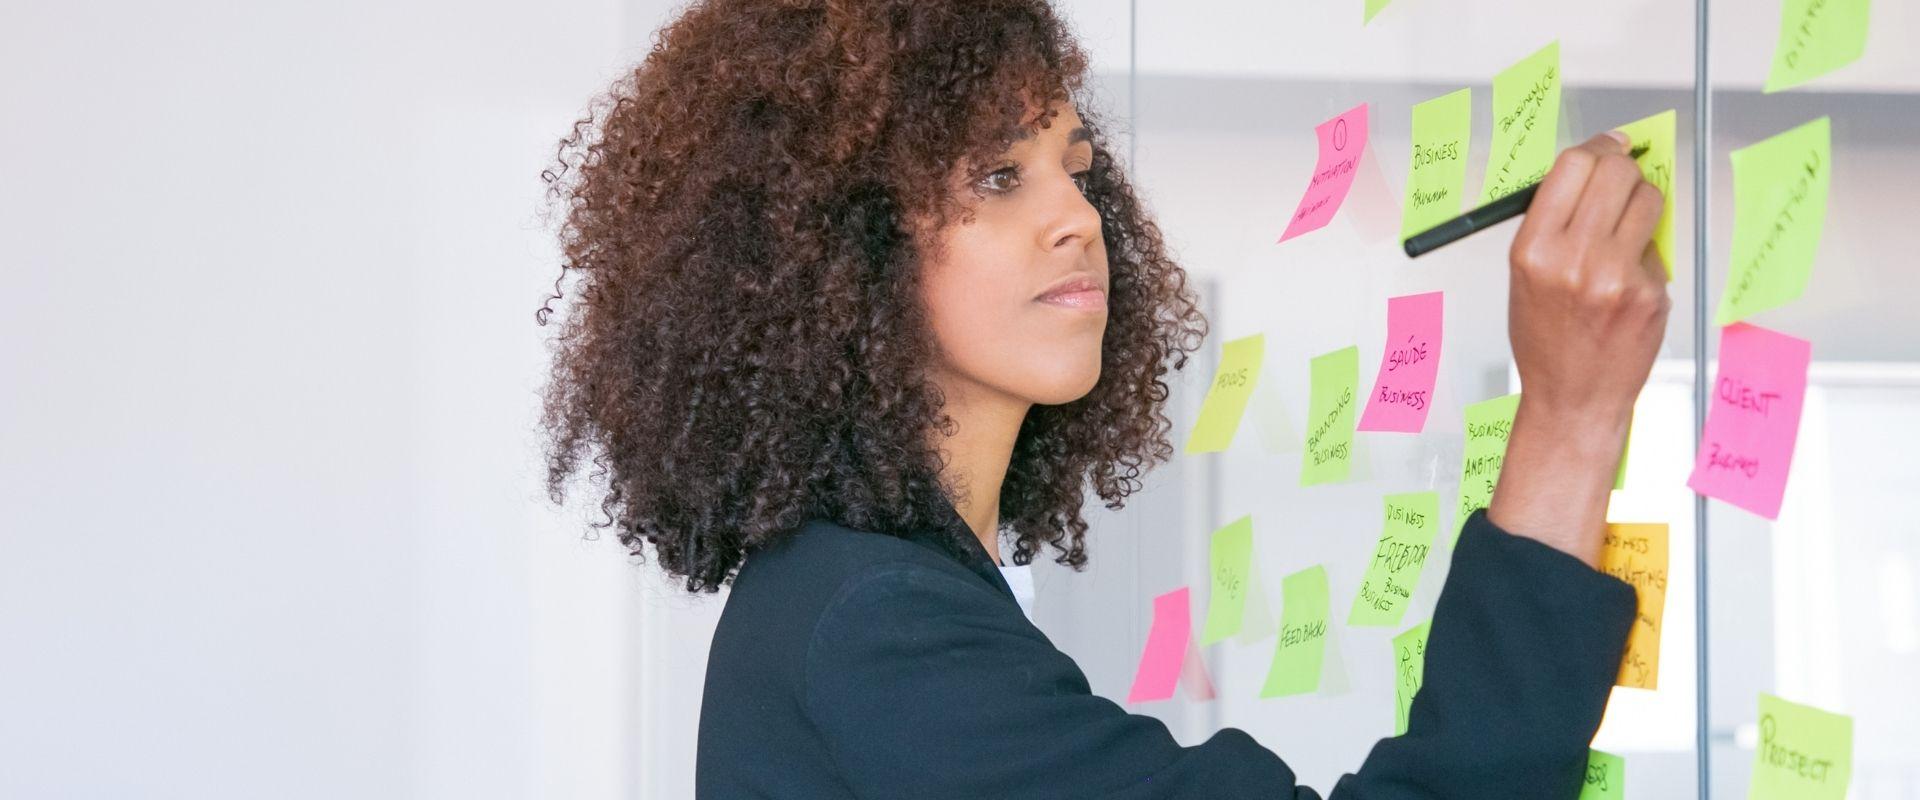 O que é gestão visual e como aplicá-la na sua empresa